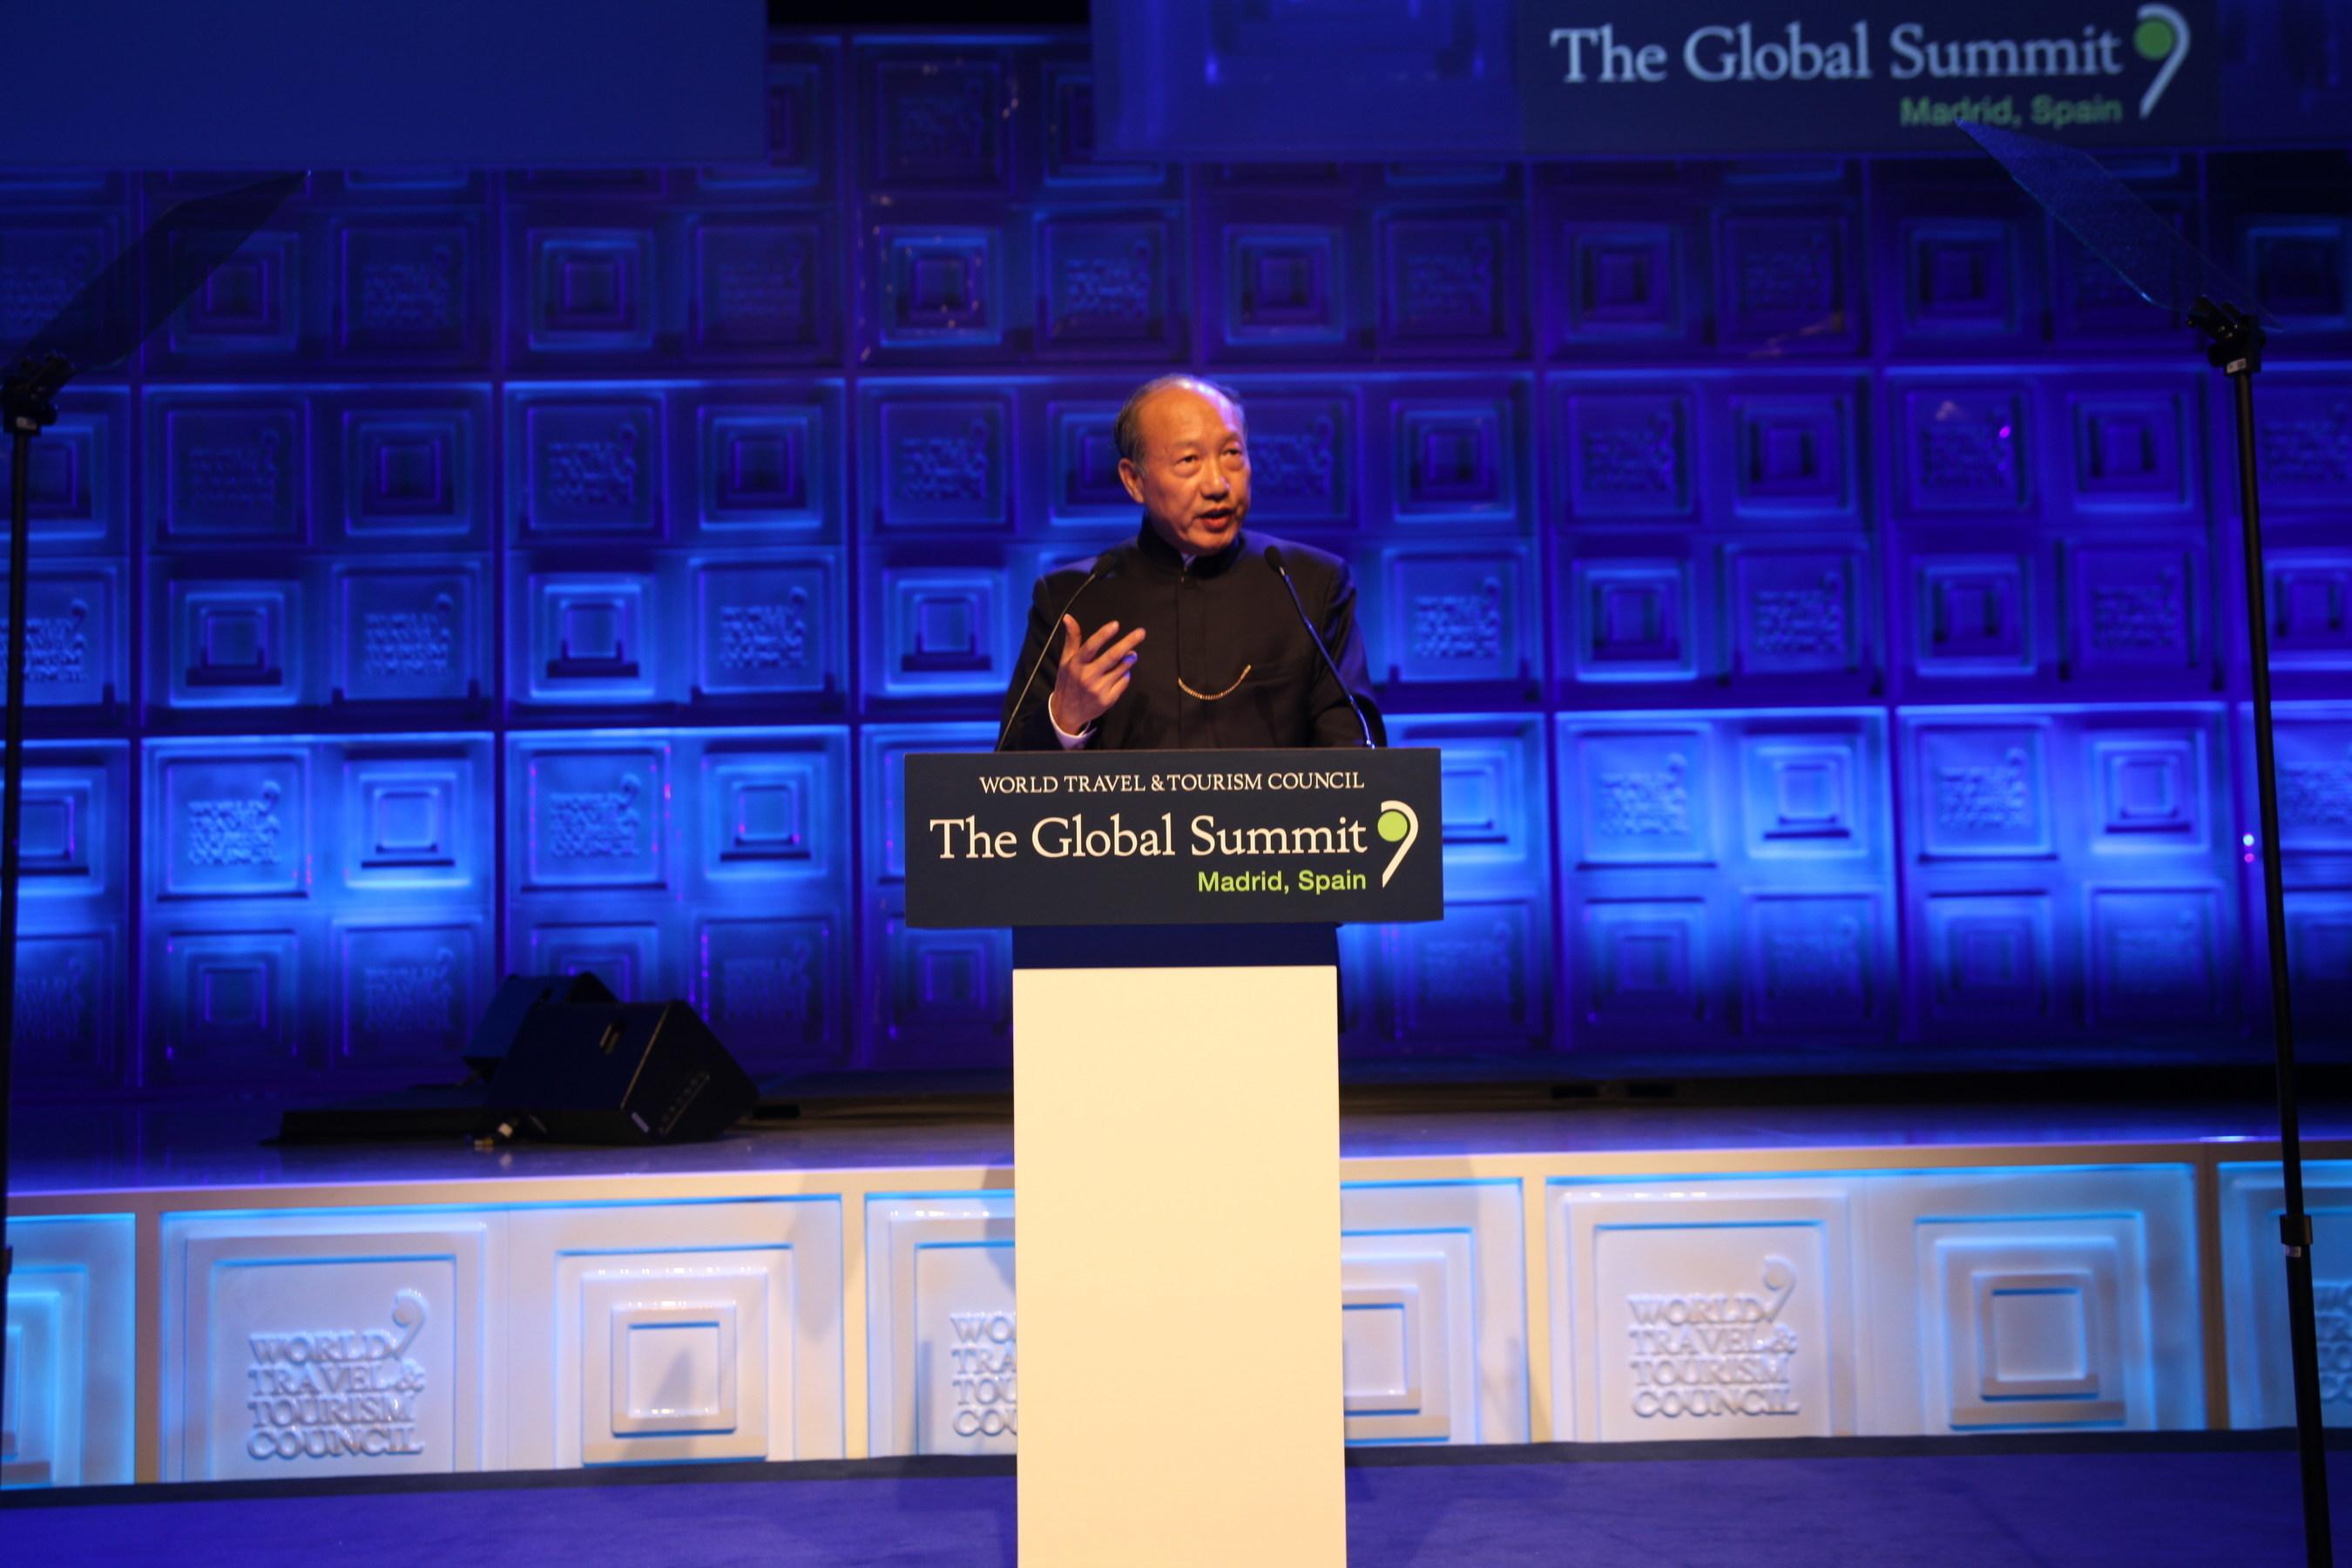 Chen Feng, président du HNA Group, prononce une allocution au Sommet mondial WTTC 2015 : La Chine